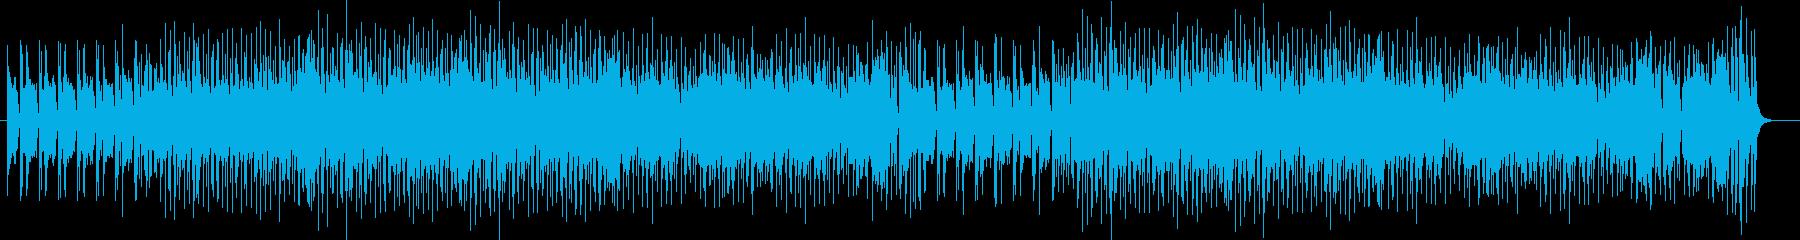 カントリー調のレトロで落ち着く曲の再生済みの波形